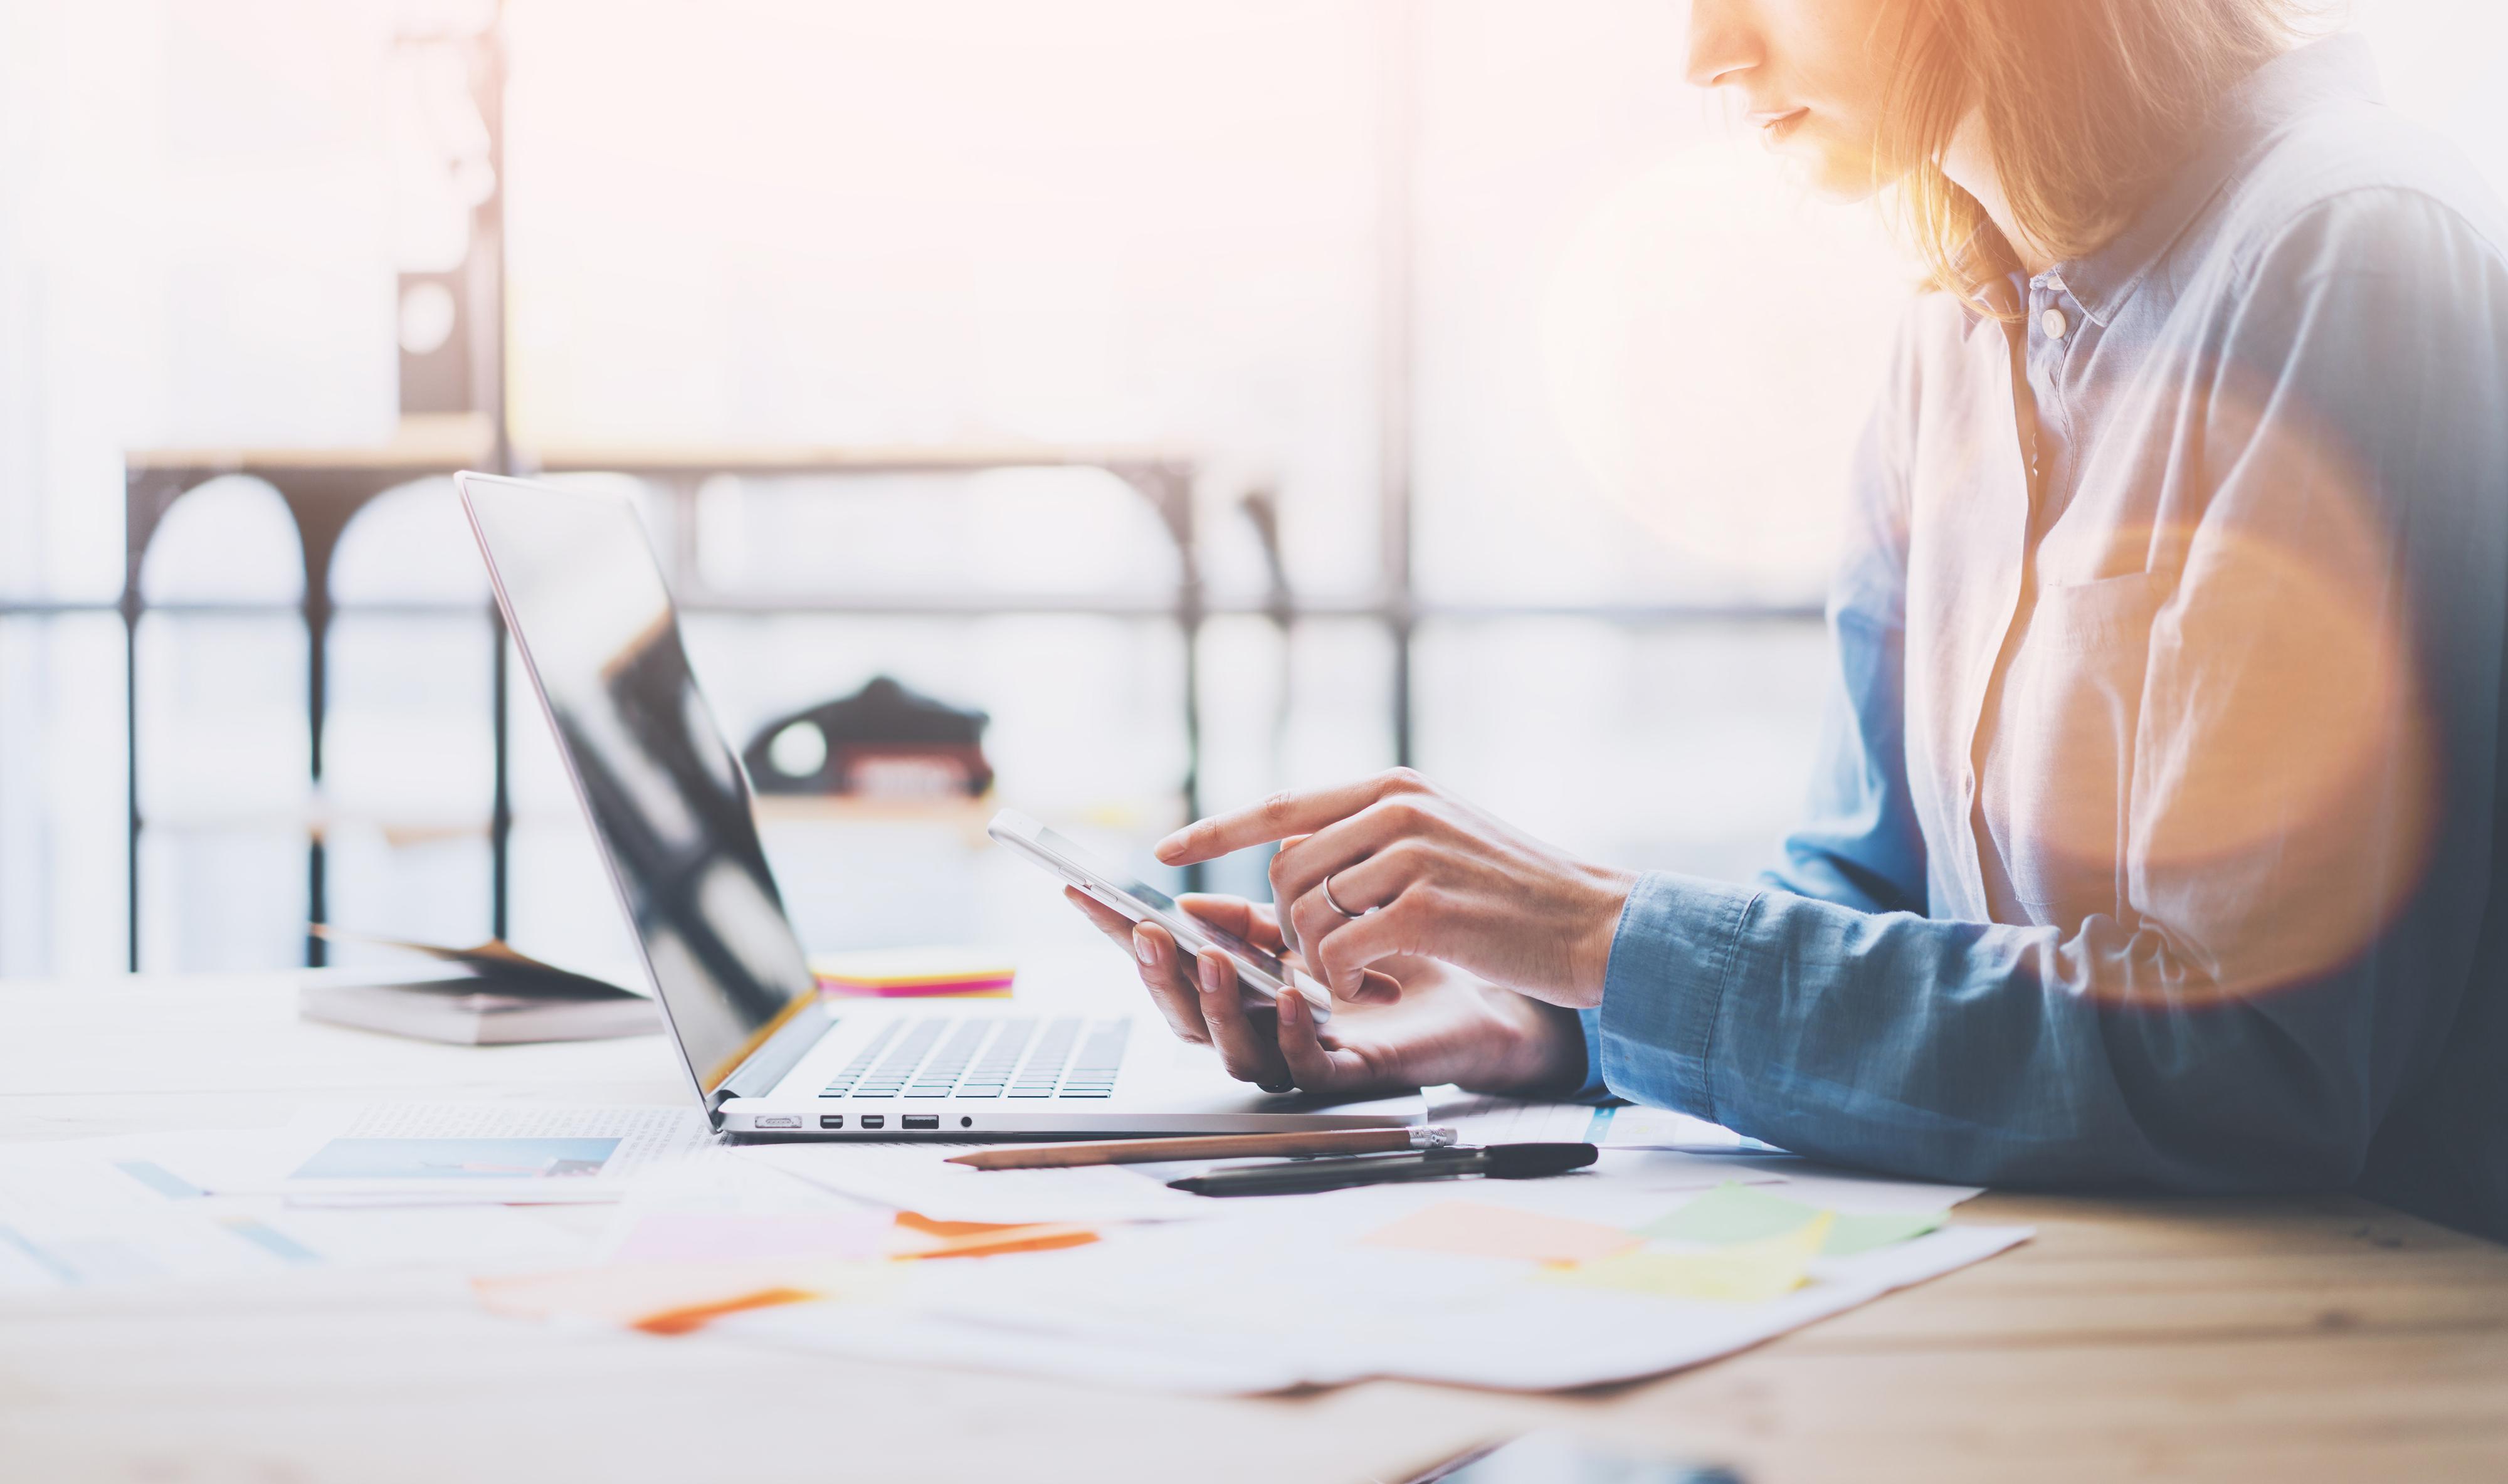 Frau am Arbeitsplatz mit Smartphone und Laptop